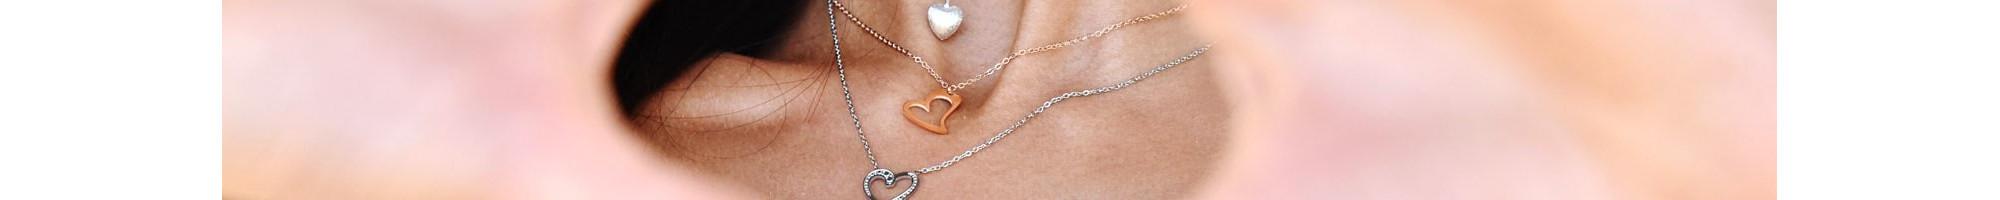 Κολιέ Καρδιά | Ρομαντικά Δώρα από 14,90€ | BIJOU BOX